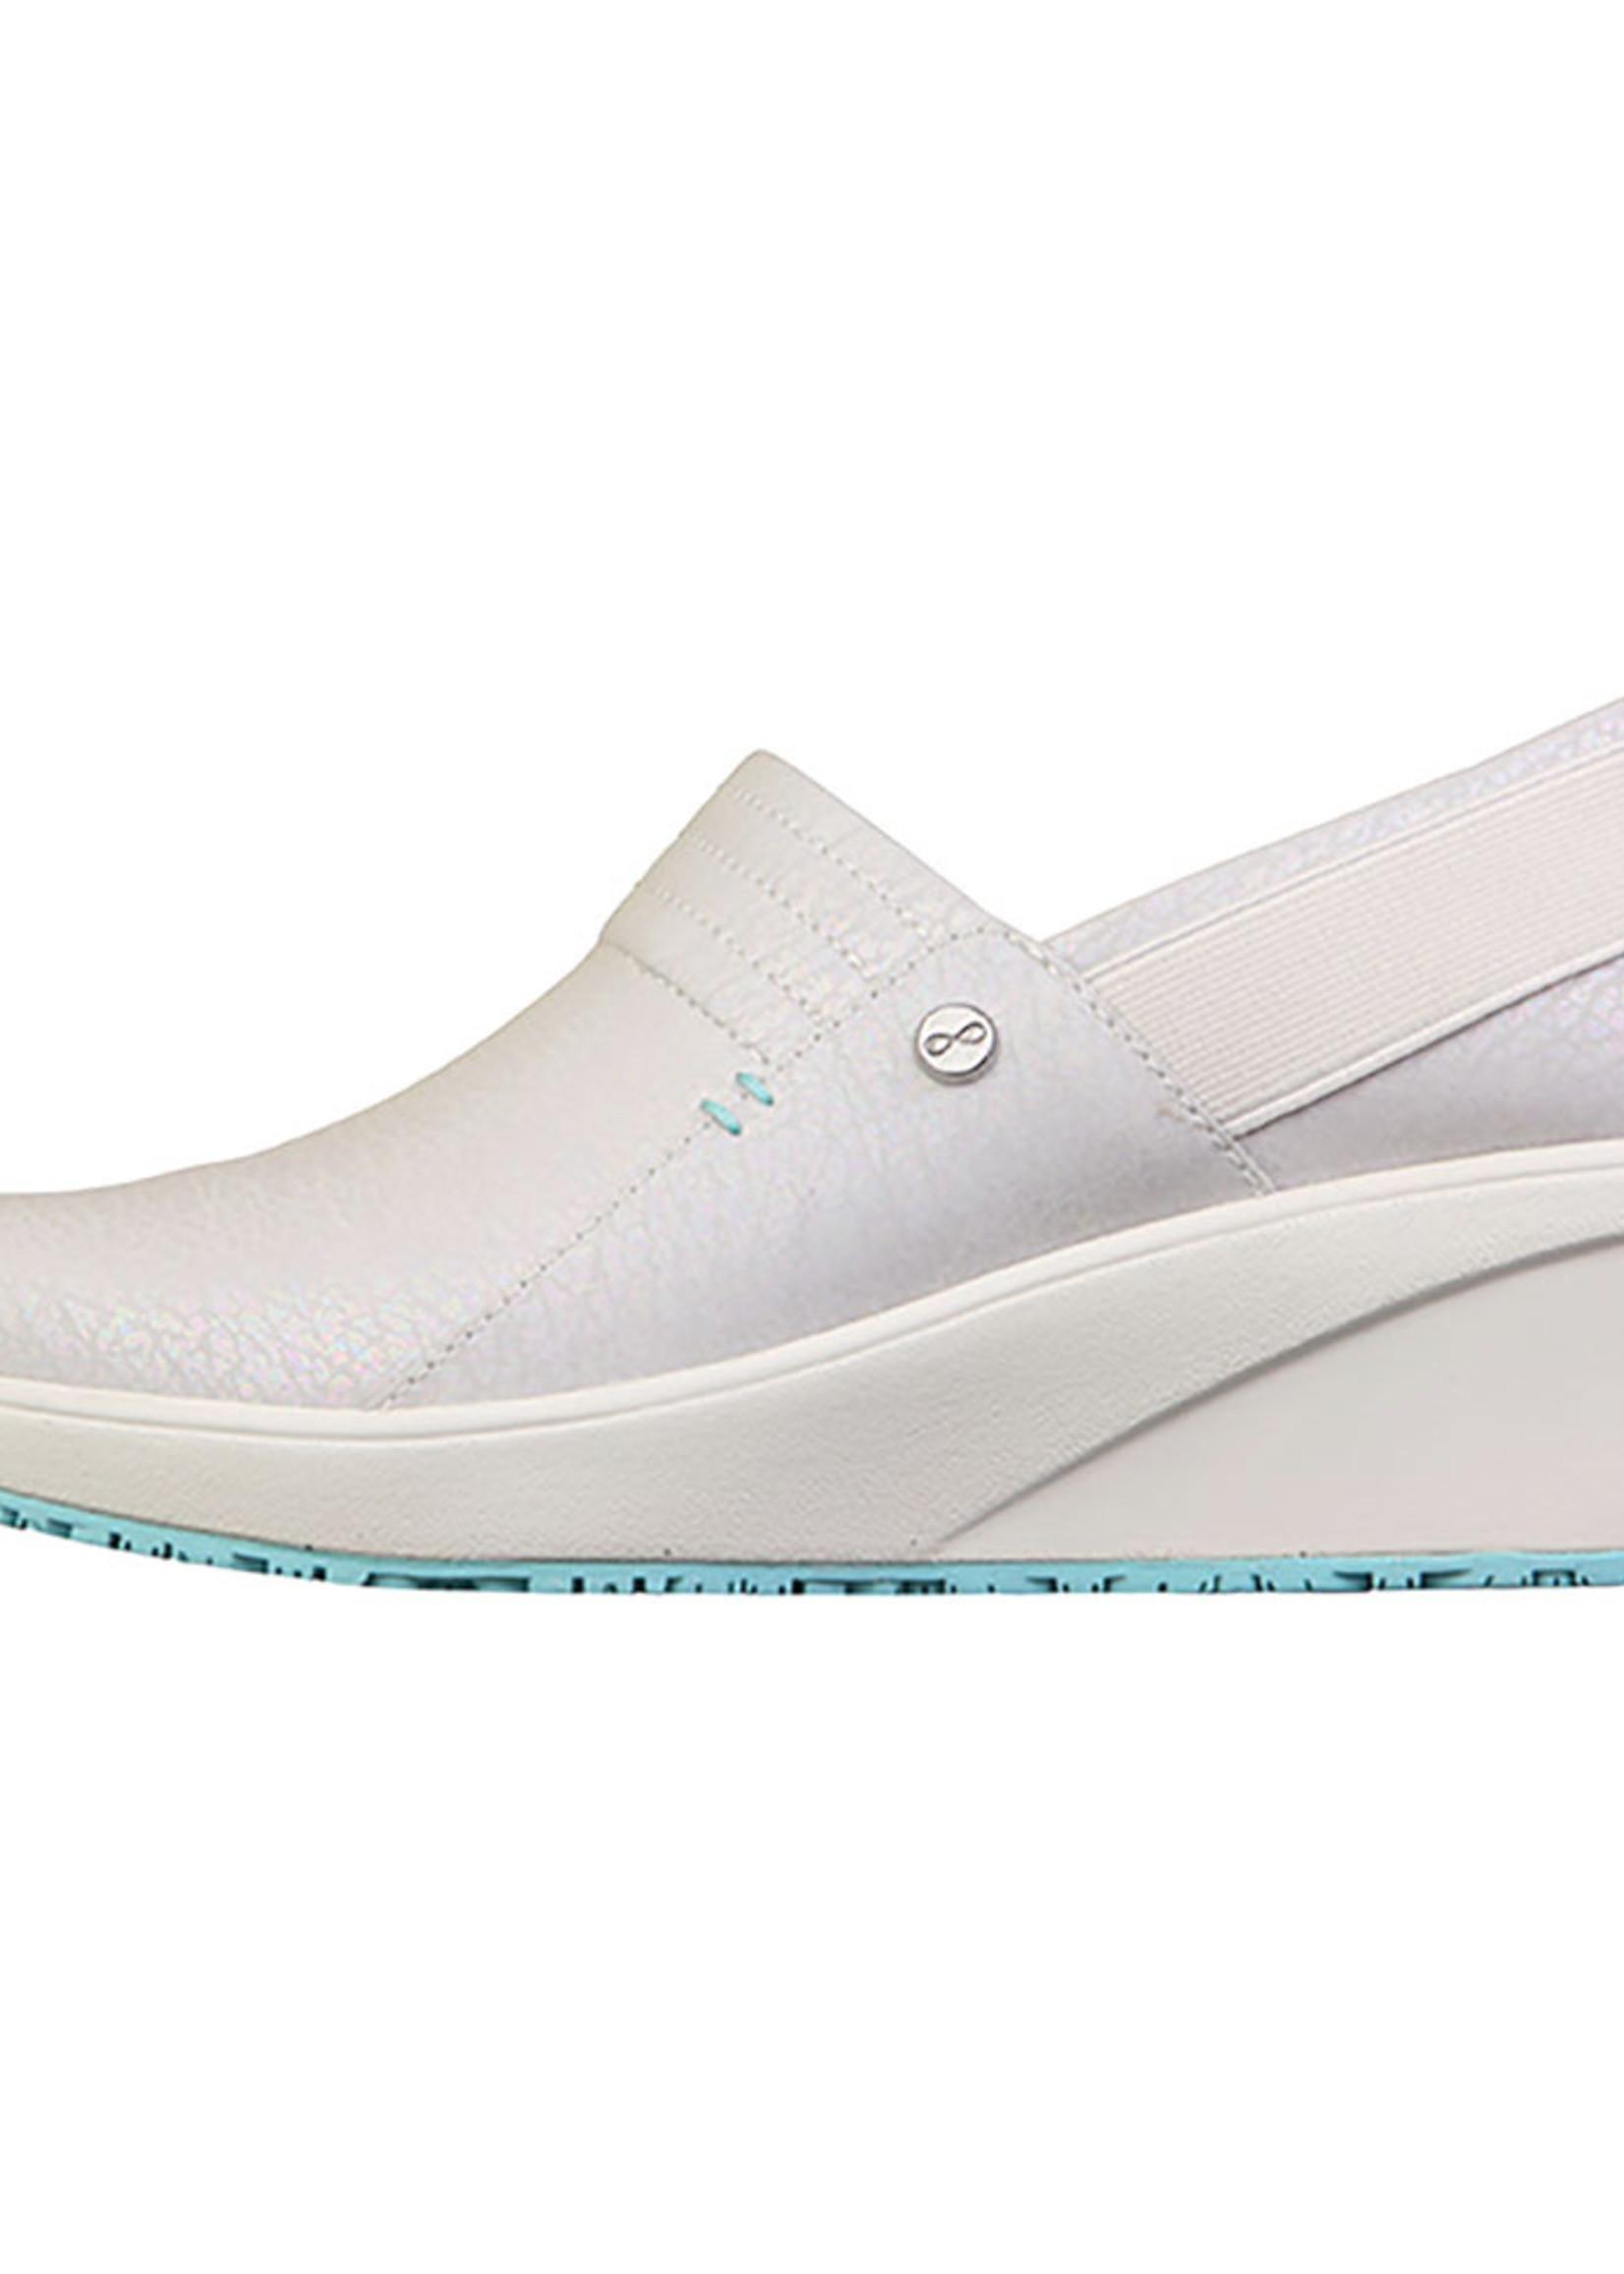 Cherokee Infinity Glide Infinity Shoe